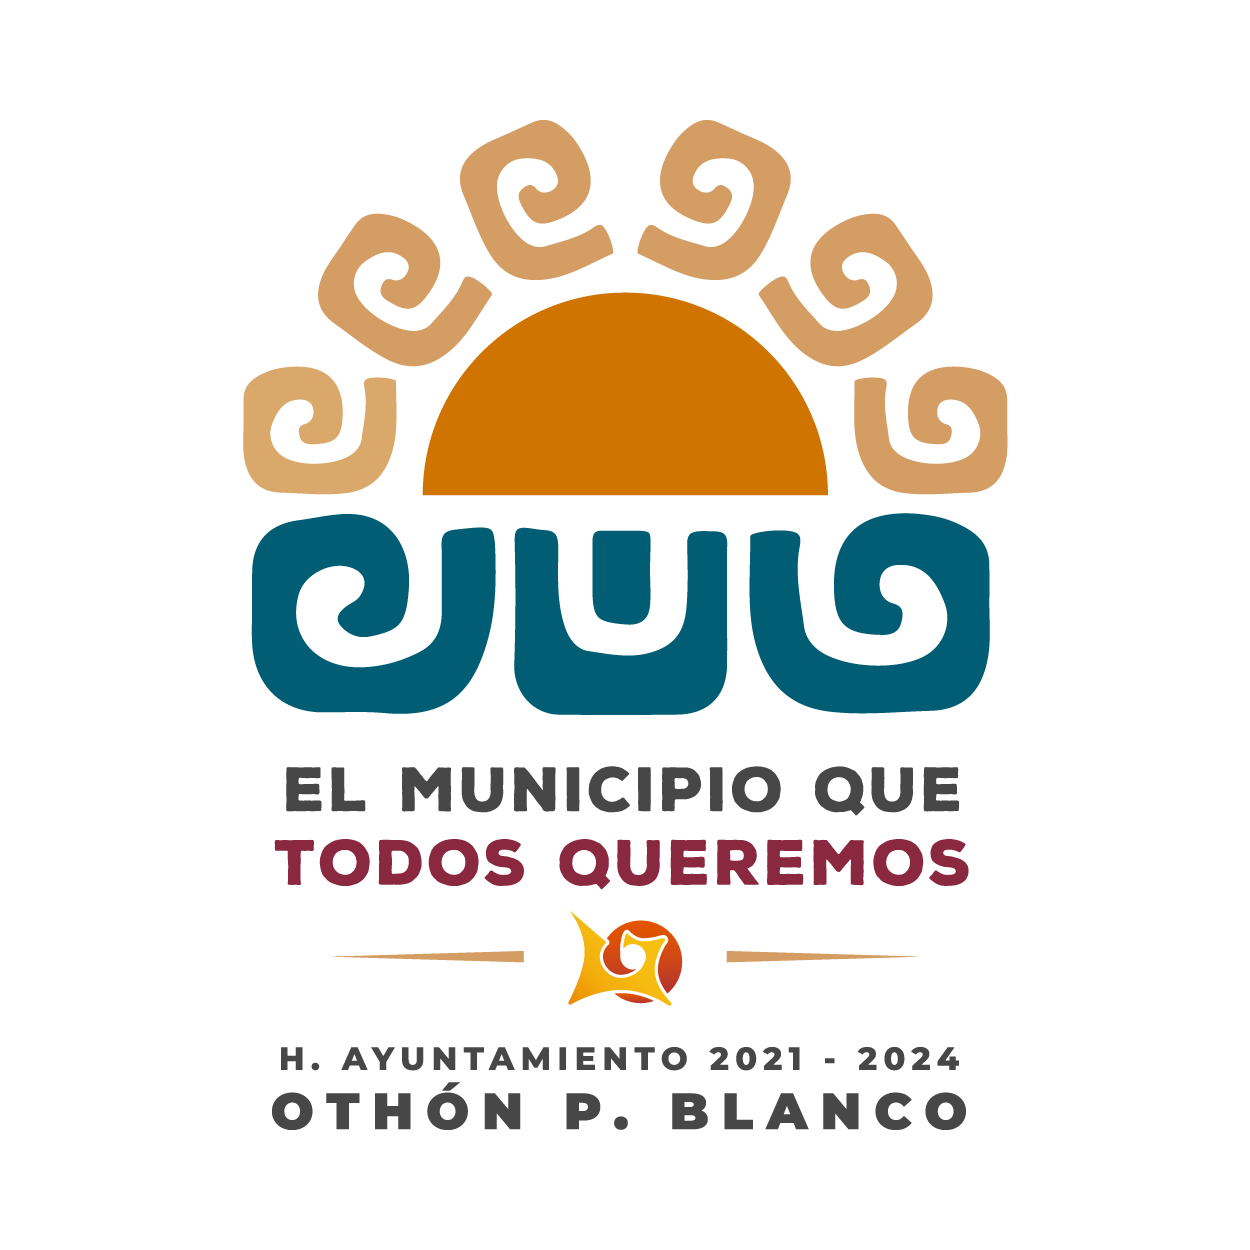 Ayuntamiento de Othón P. Blanco 2021 - 2024